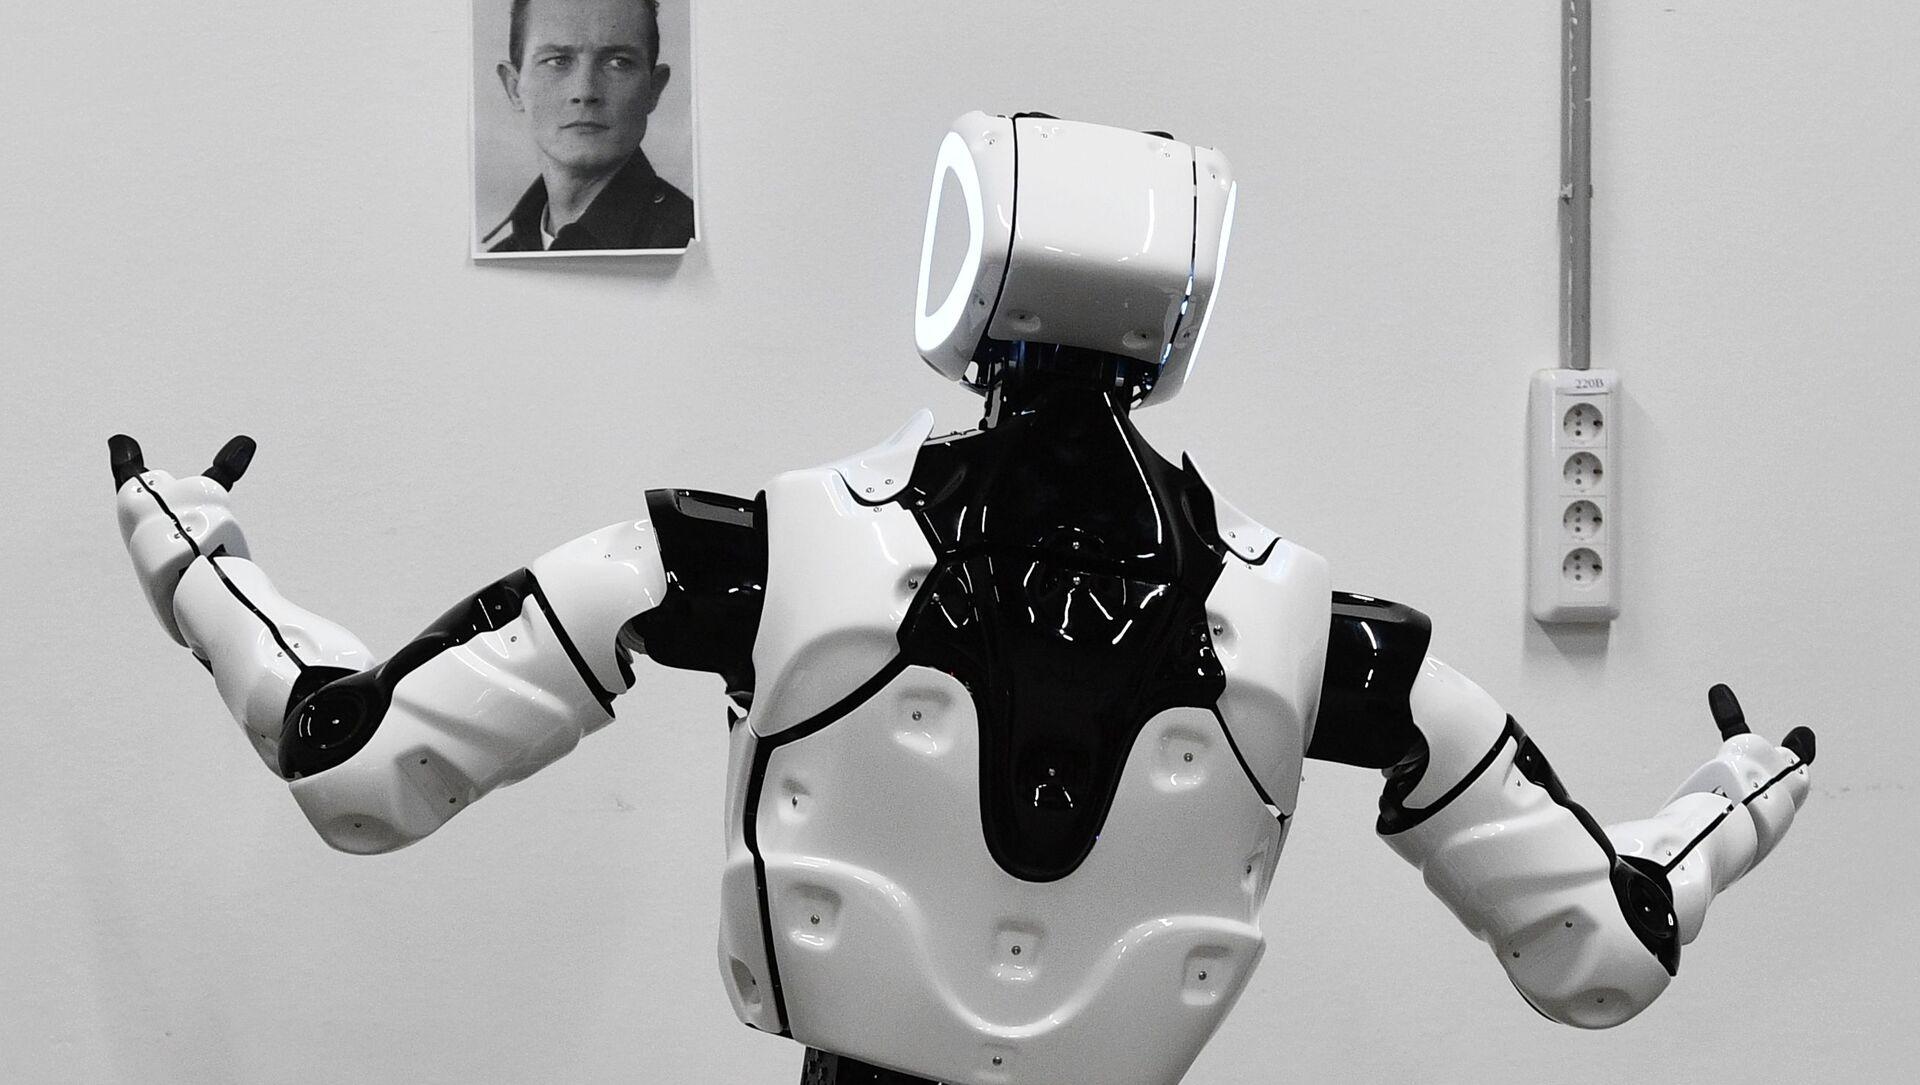 Thử nghiệm robot Promobot V. 4 trong xưởng của công ty sản xuất robot Promobot ở Perm - Sputnik Việt Nam, 1920, 25.09.2021